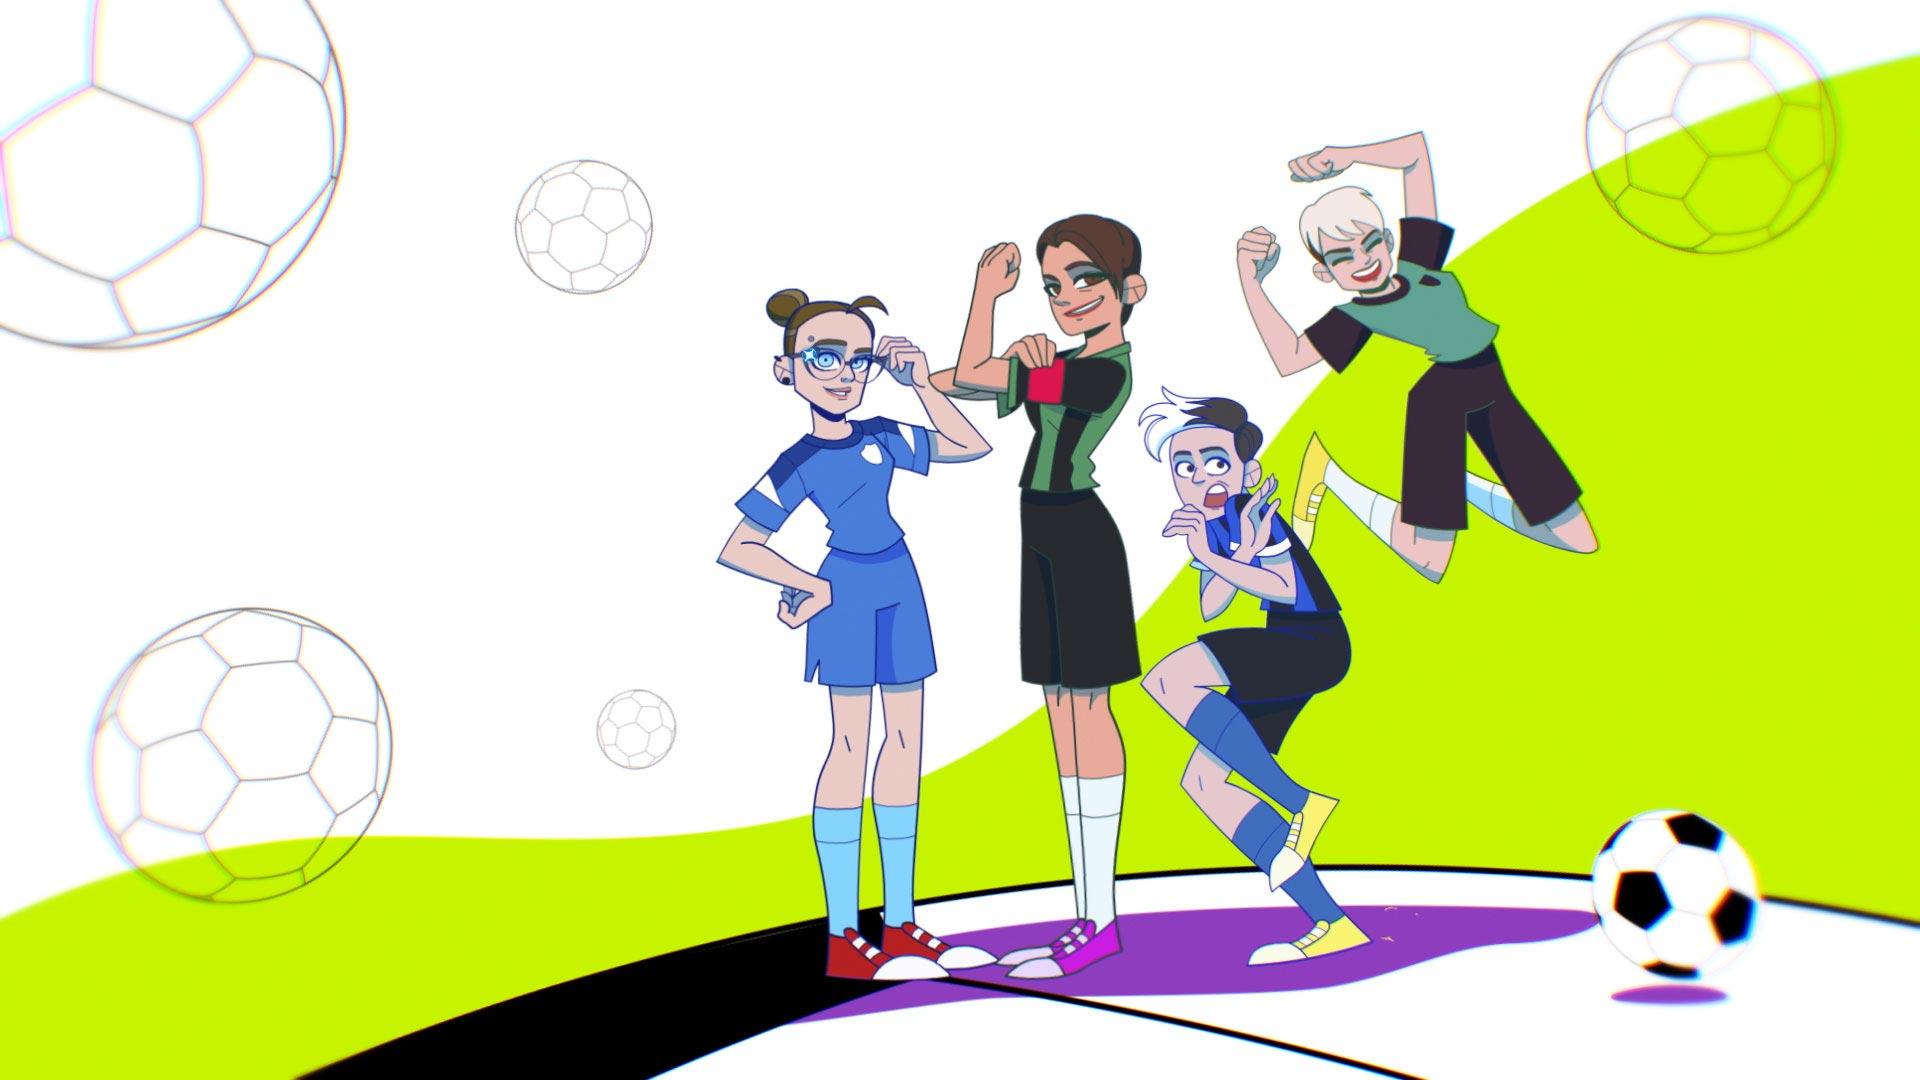 Uniche_animation_character_racoonstudio_motion_freeda_4